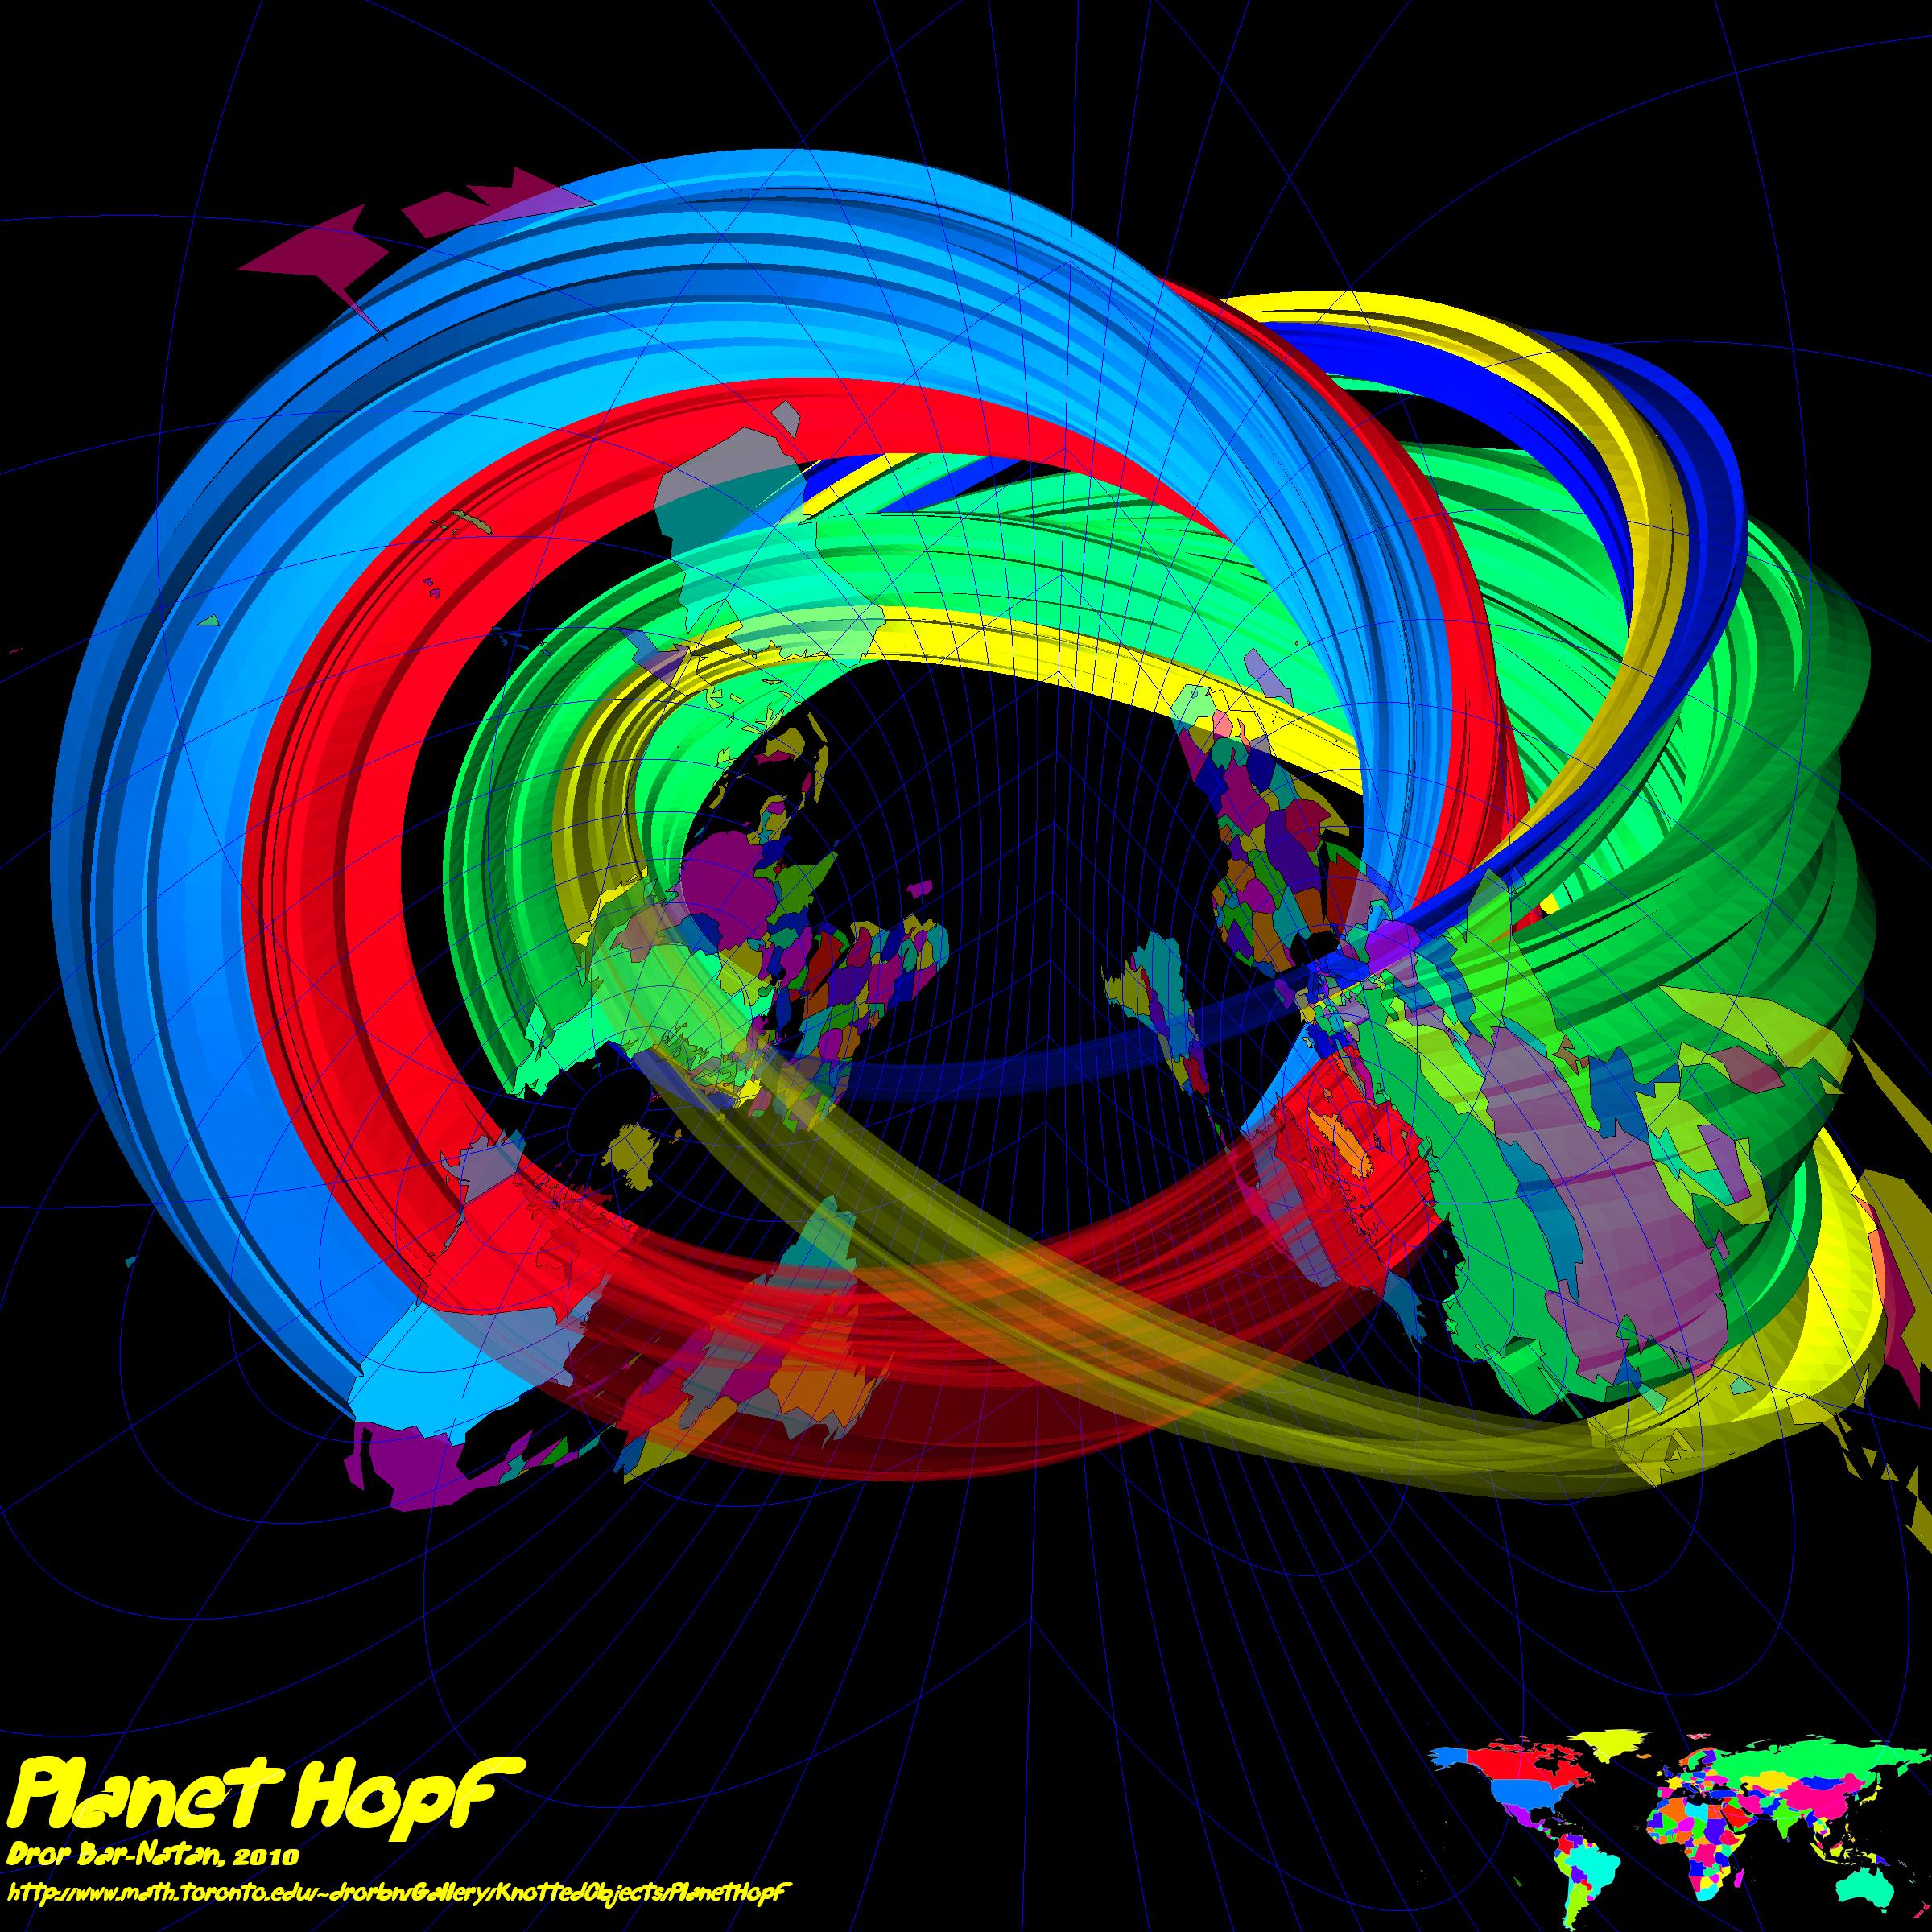 Planet Hopf